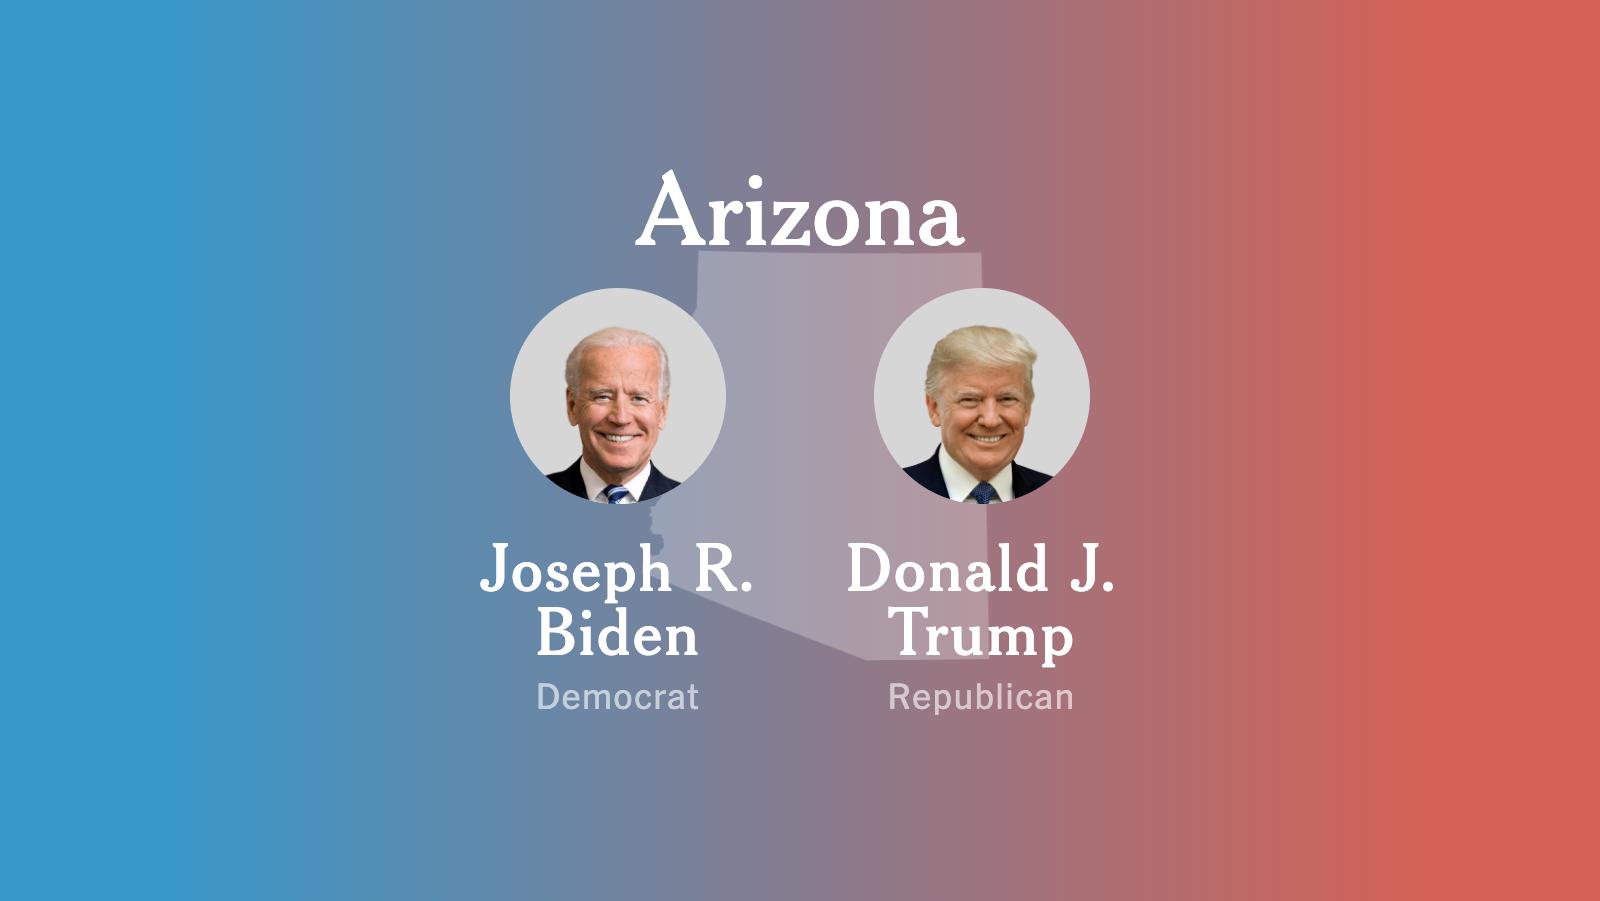 Số phiếu ủng hộ ông Trump tại bang Arizona tăng, liệu có khả năng 'lội ngược dòng'? - Ảnh 1